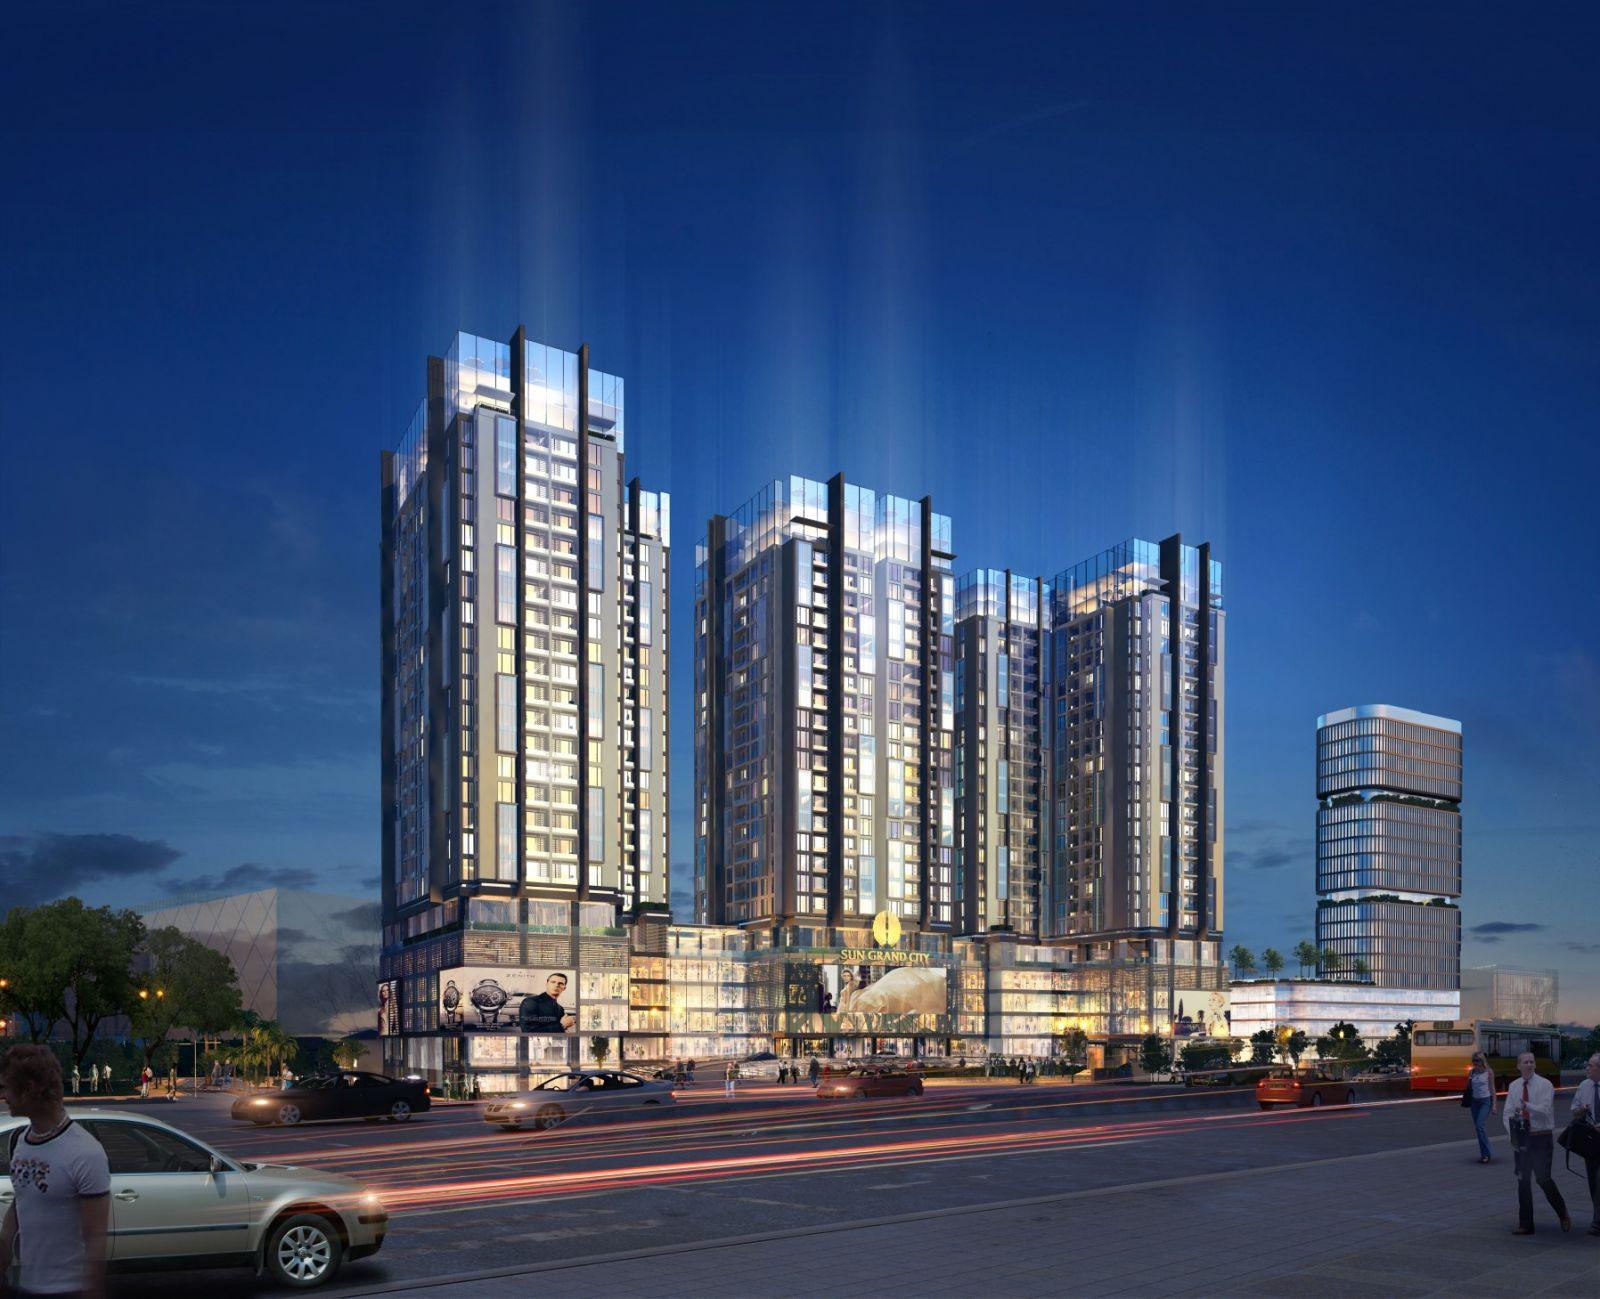 TTTM Sun Plaza Ancora sẽ là điểm đến mua sắm, giải trí đẳng cấp mới ở trung tâm Hà Nội (Ảnh minh họa)